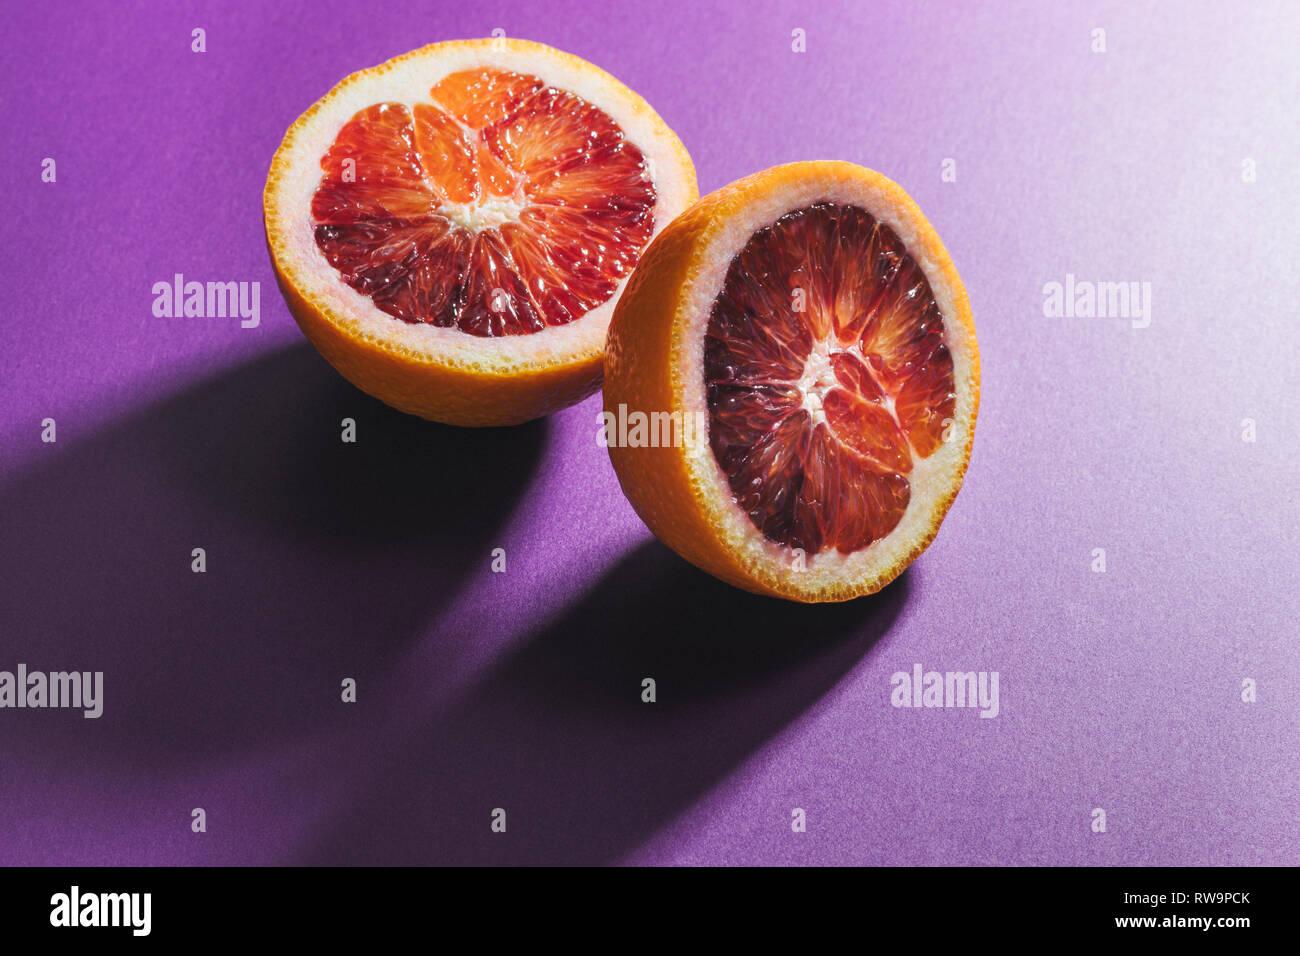 Un graphique de la vie encore une orange sanguine en tranches sur un fond coloré, photographiés avec la lumière et les ombres en studio. Banque D'Images